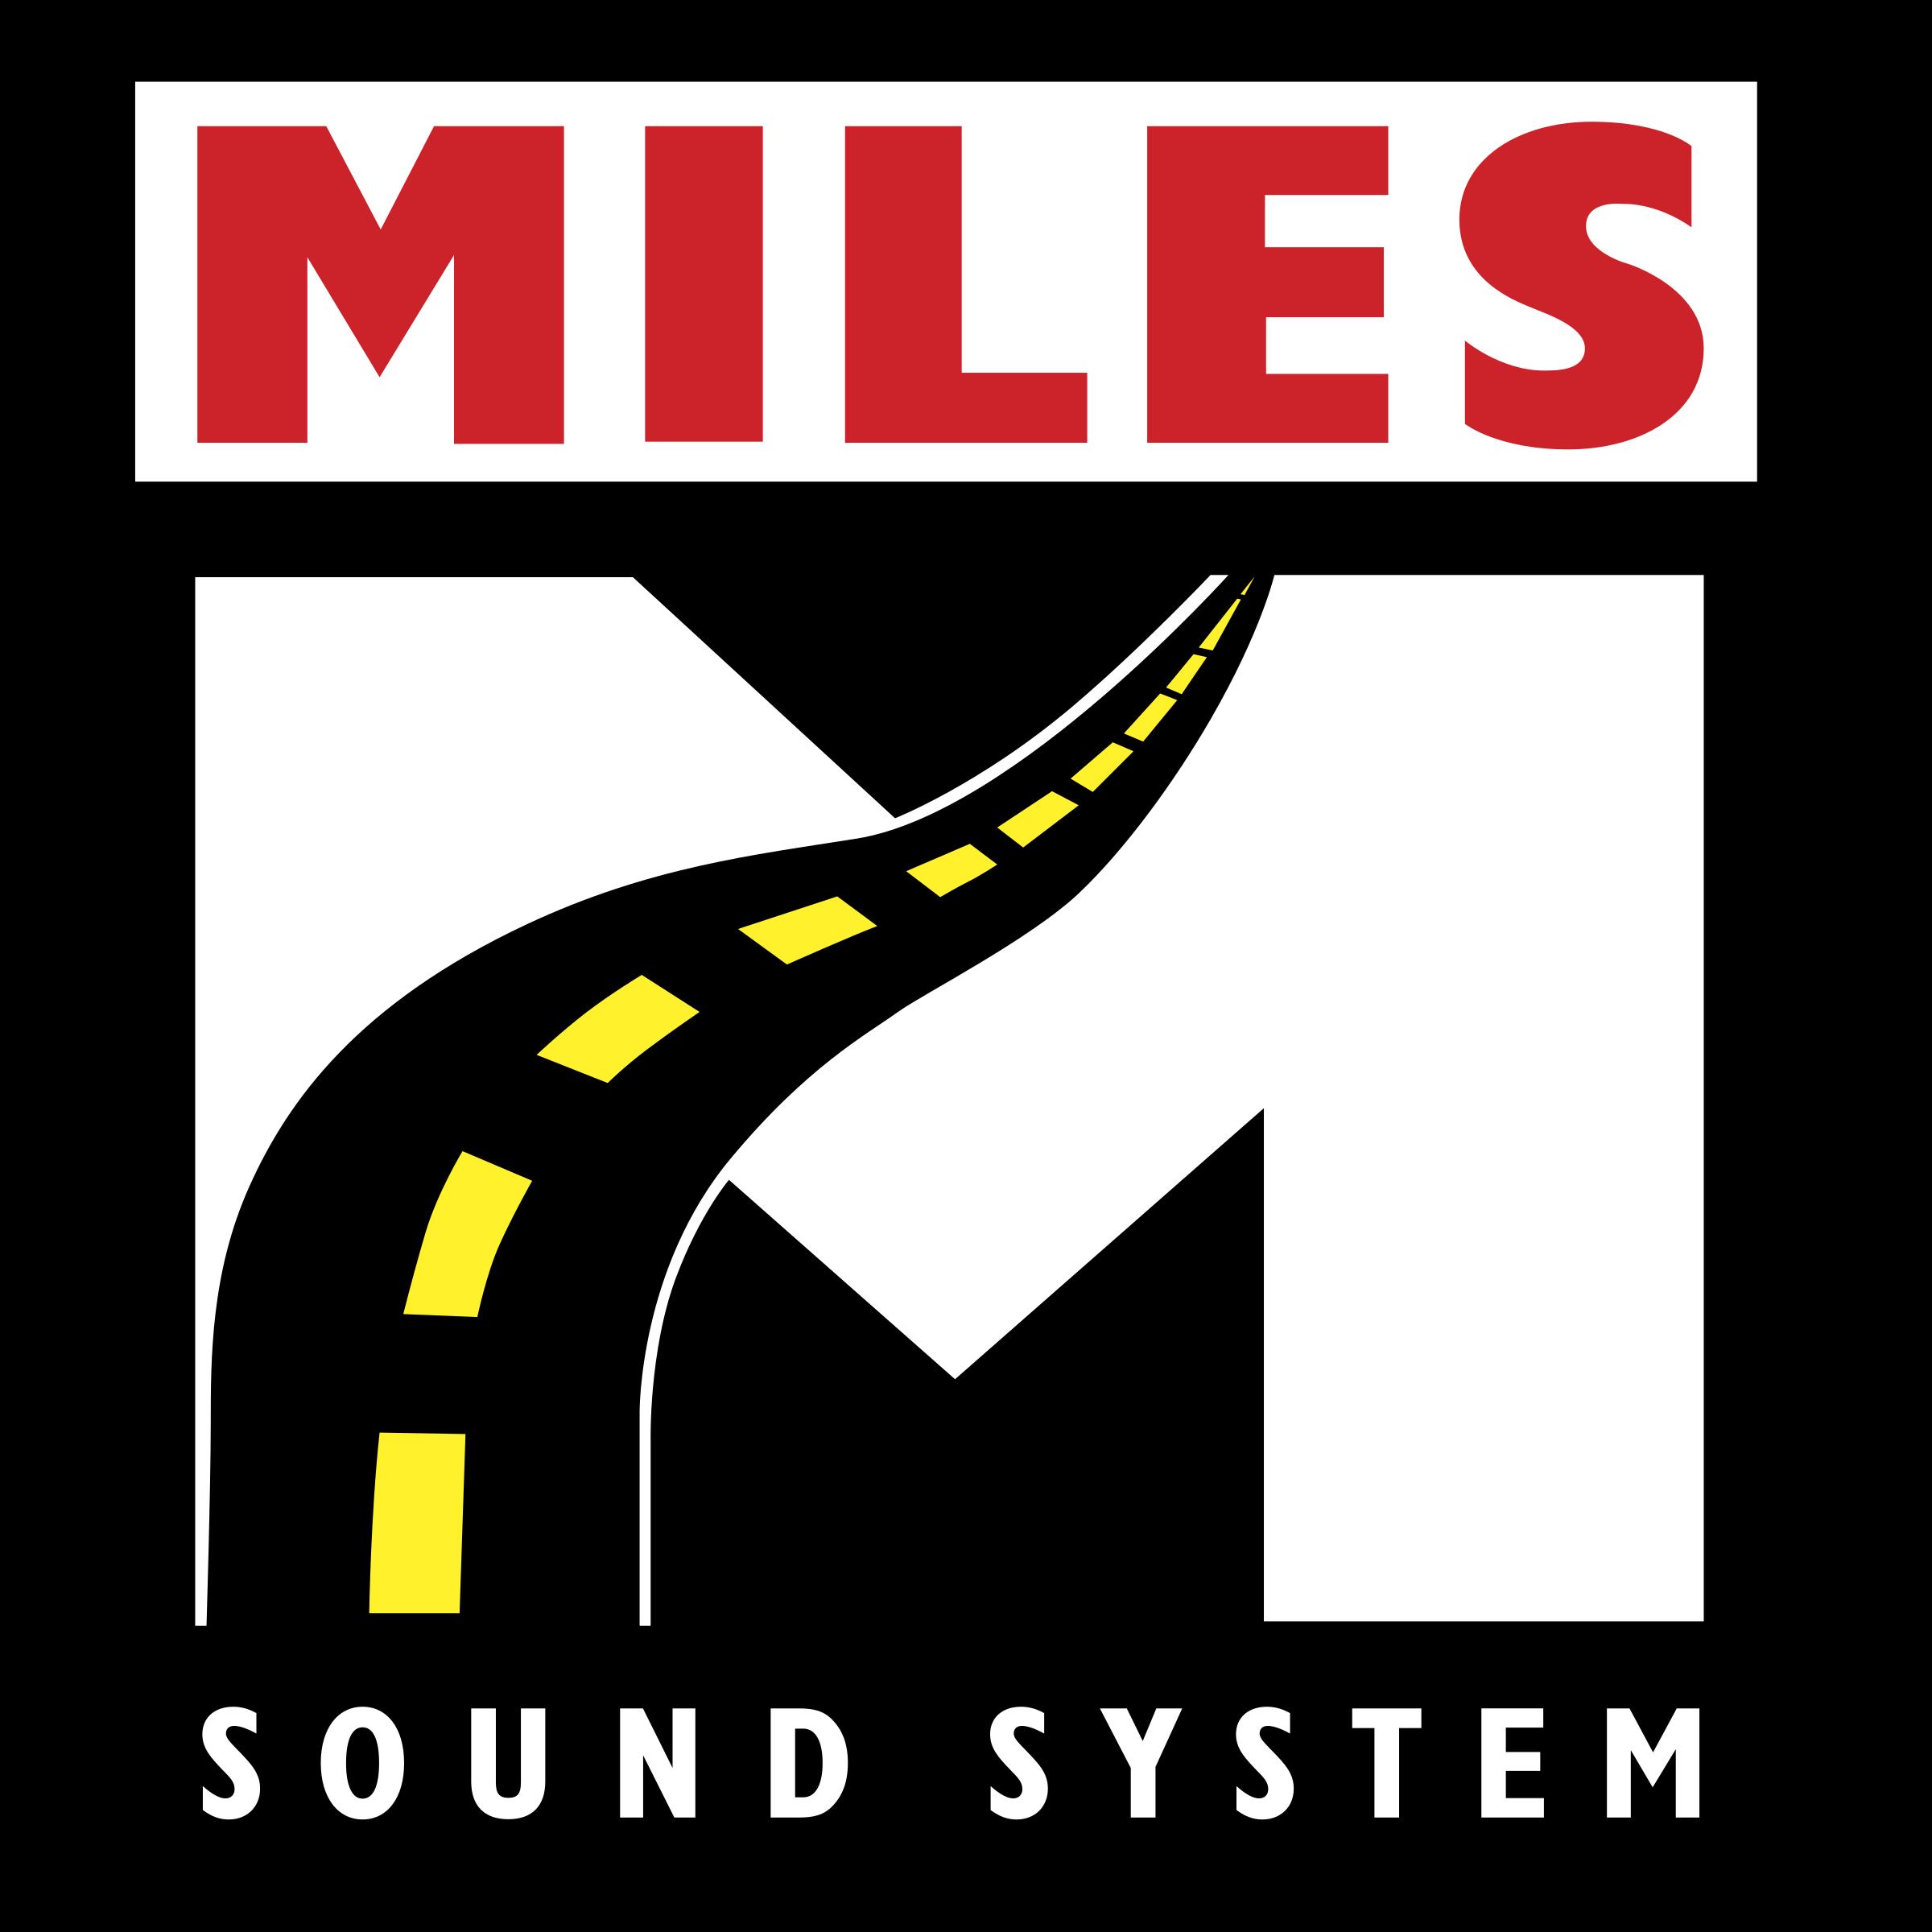 Miles Sound System Logo PNG Transparent & SVG Vector.